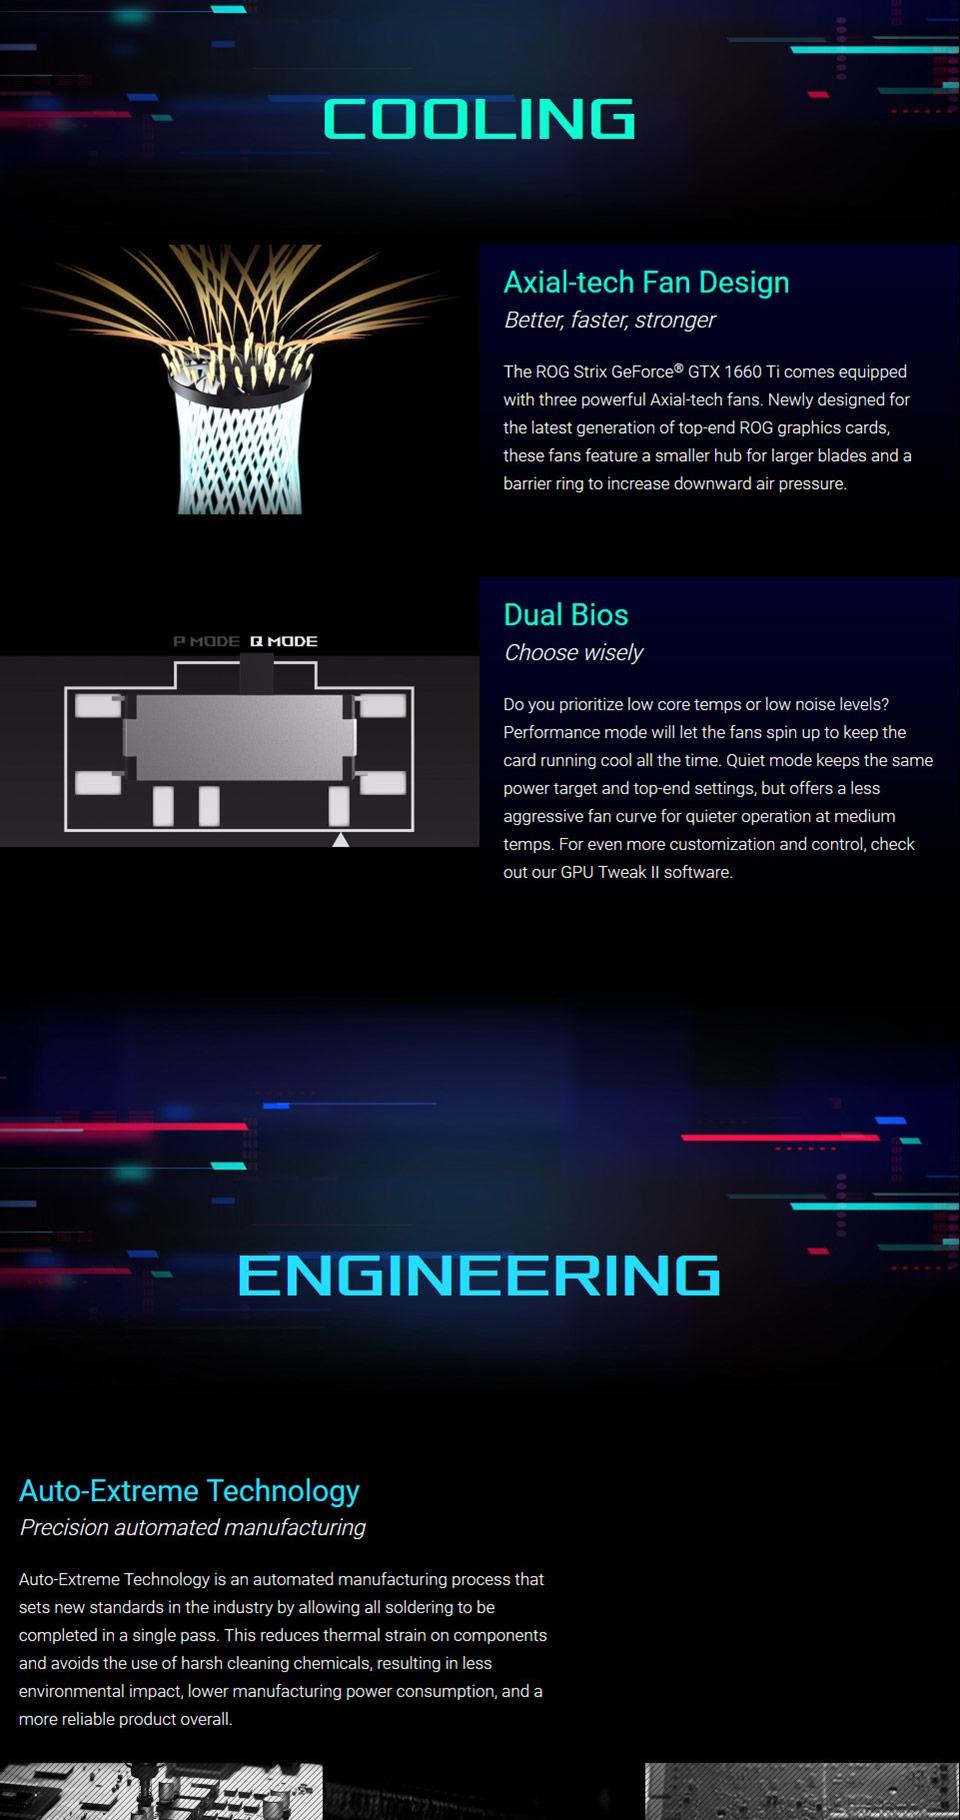 ASUS ROG GeForce GTX 1660 Ti Strix Gaming OC 6GB